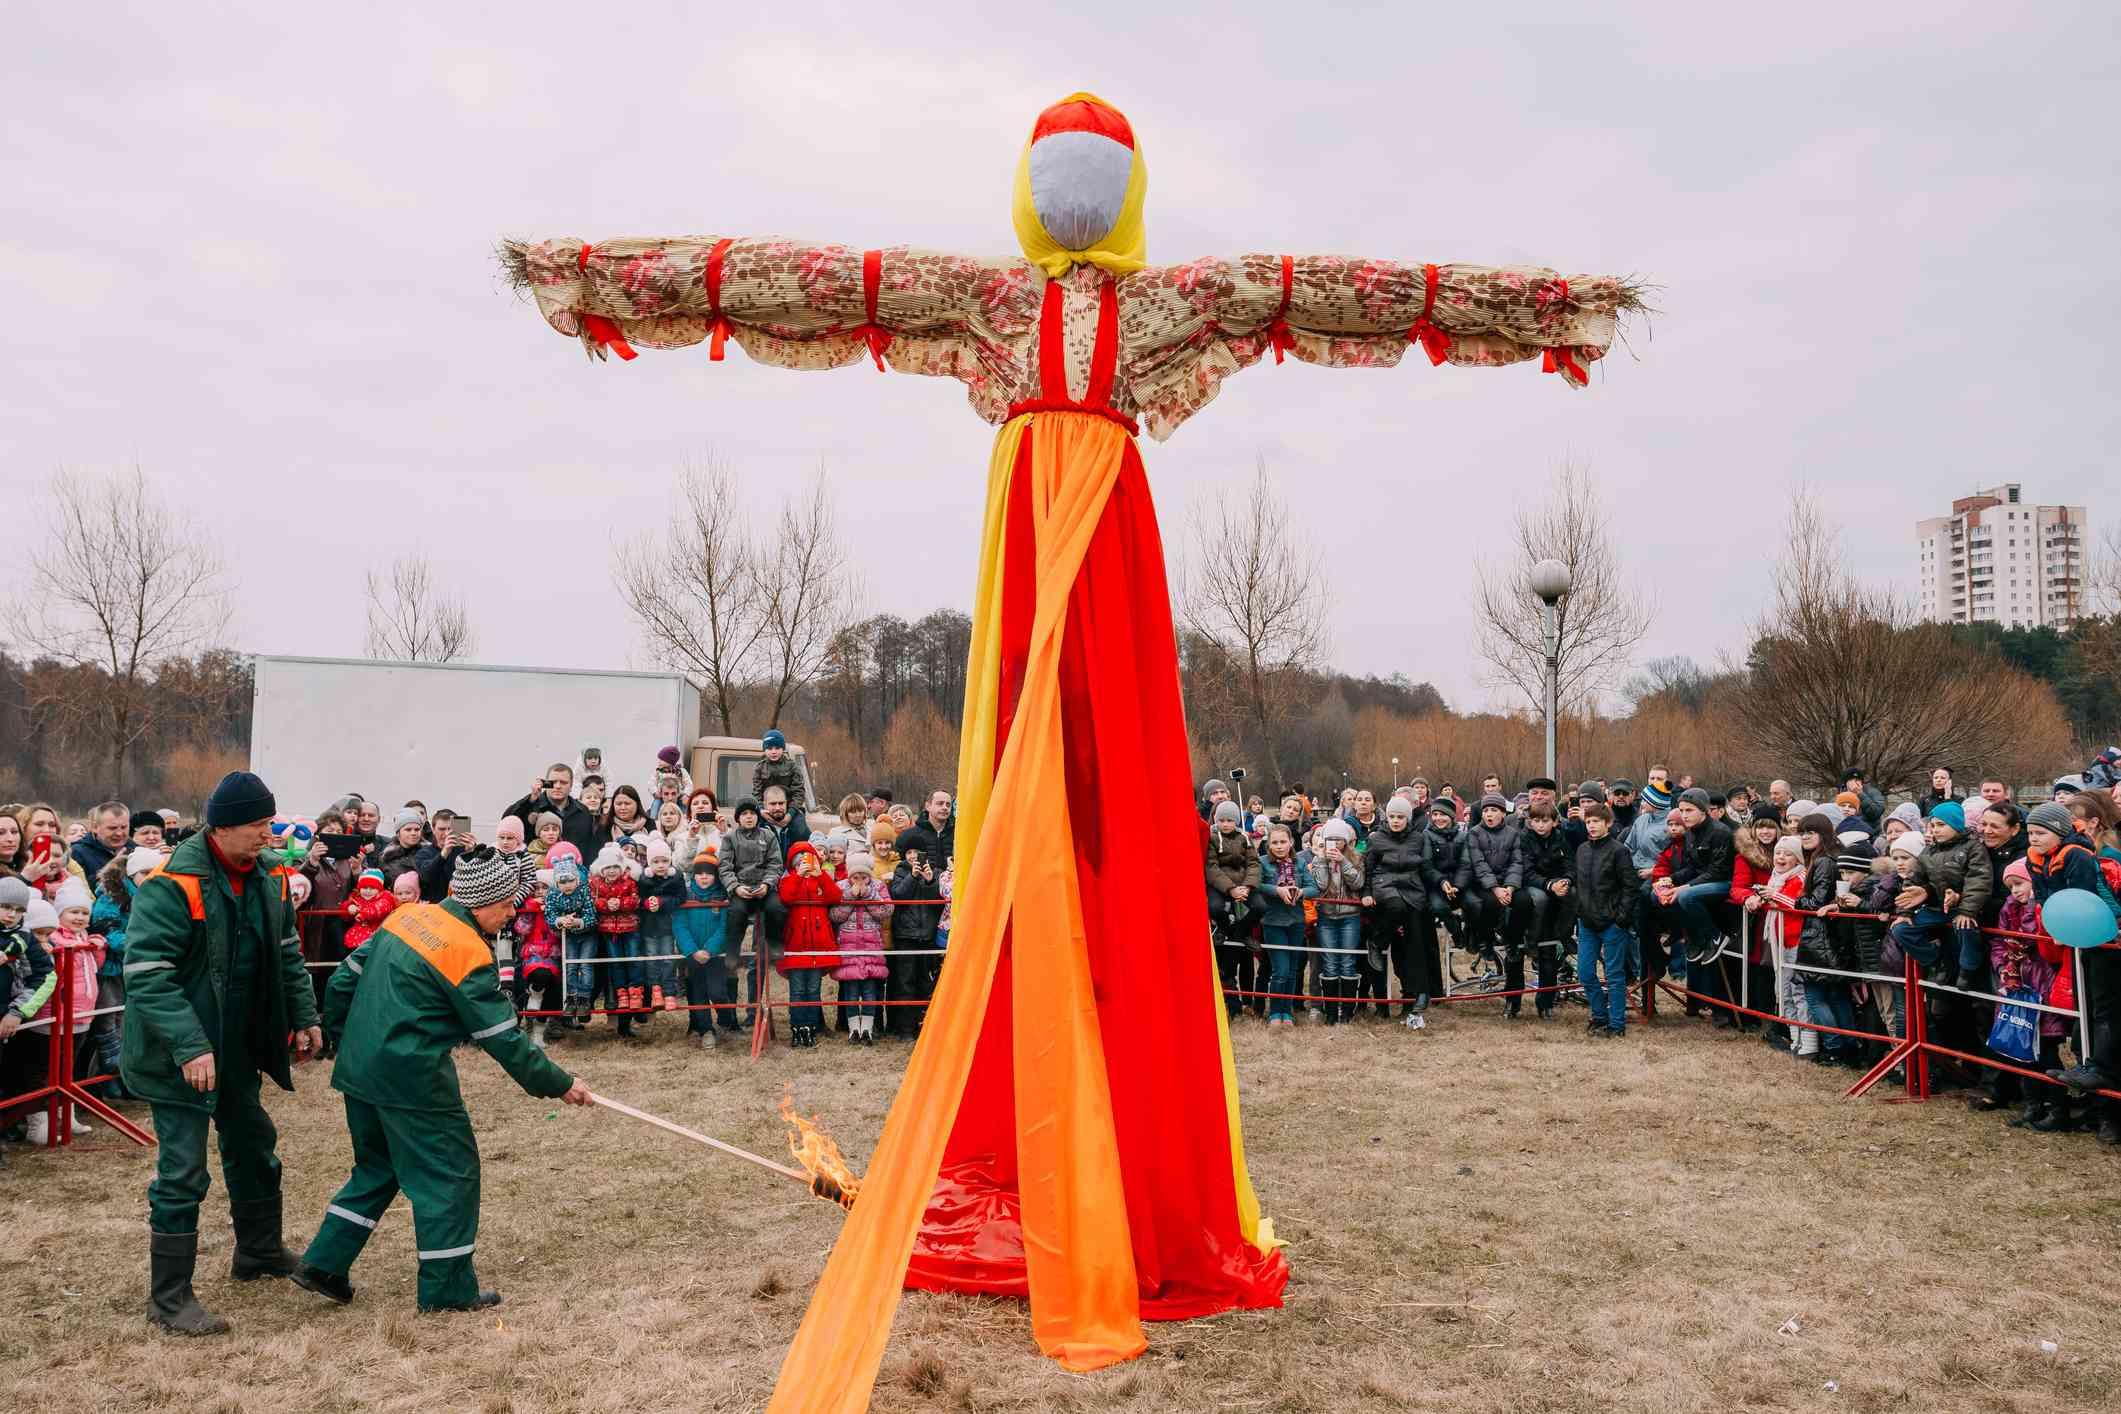 Scene Of Ignition Dummy Maslenitsa On Eastern Slavic Mythologyca